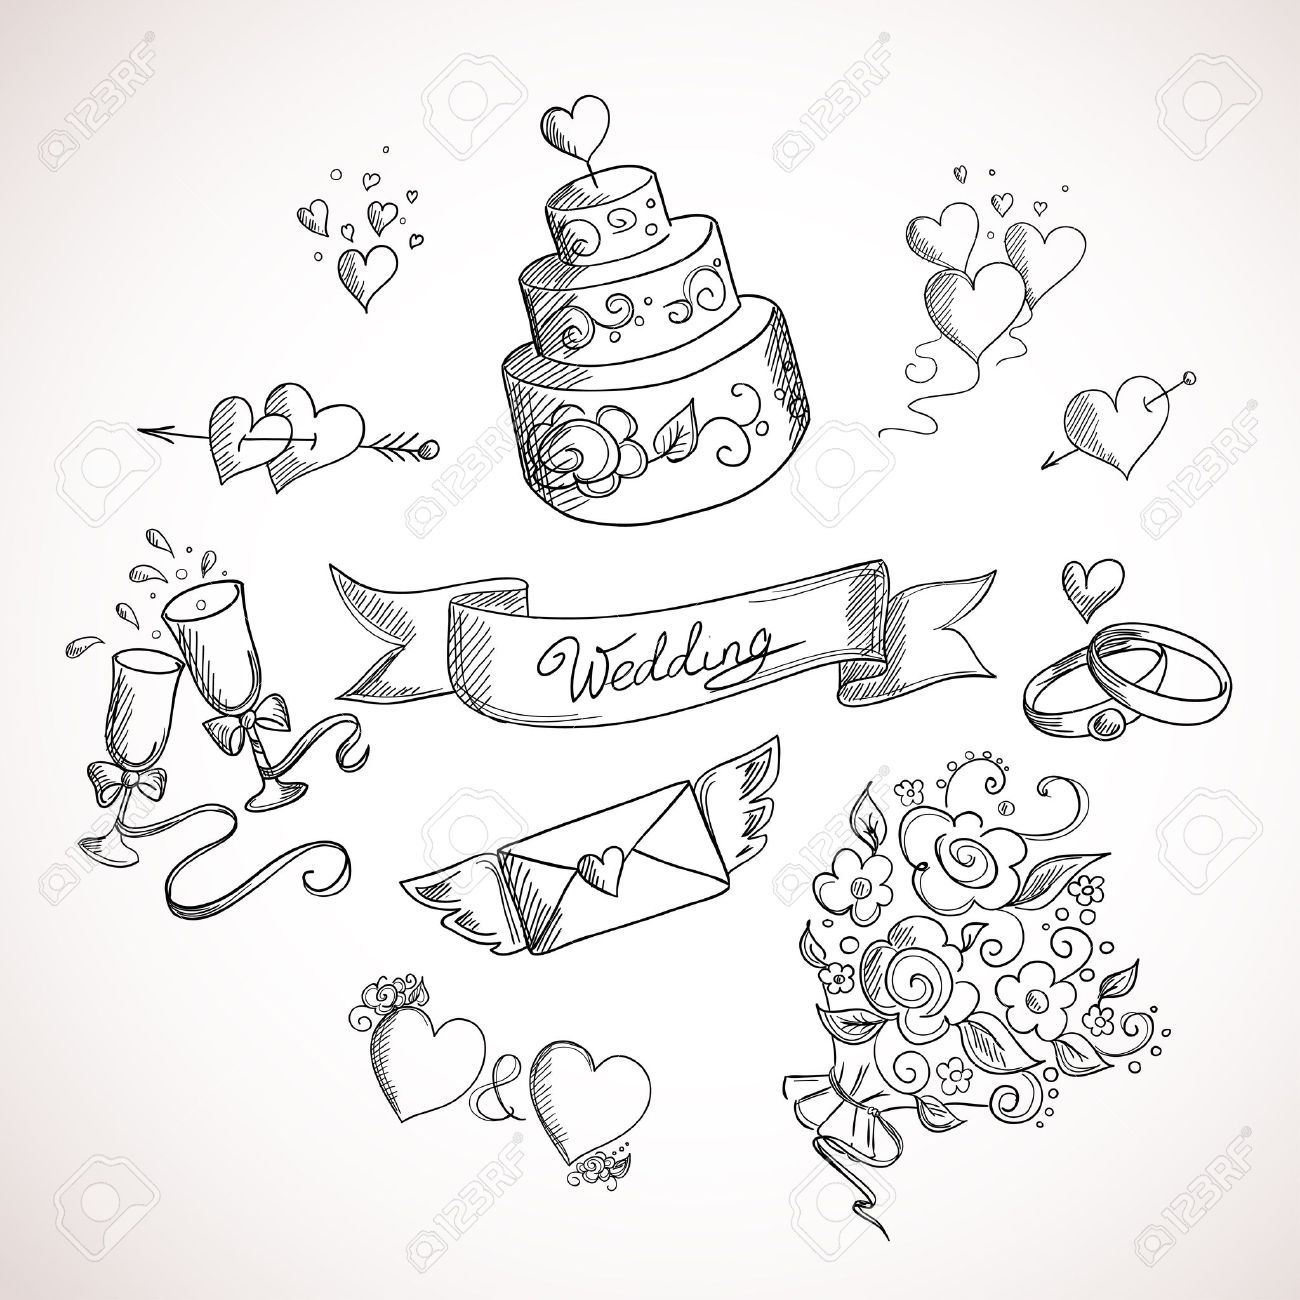 結婚式のデザイン要素のスケッチ。手描きイラスト ロイヤリティフリー